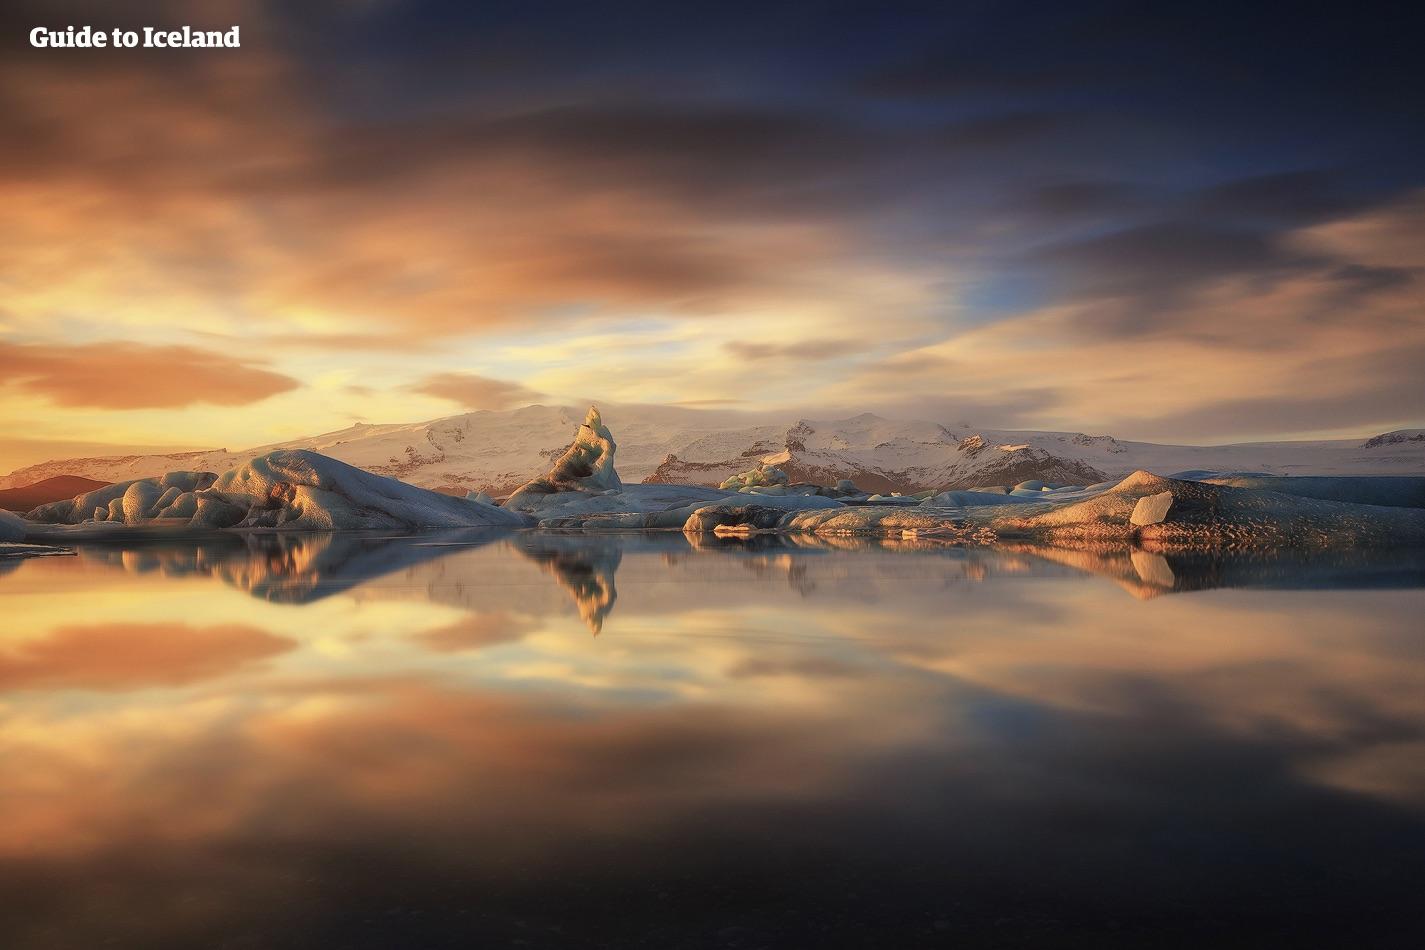 ヨークルスアゥルロゥン氷河湖はアイスランドの最も有名な絶景スポットです